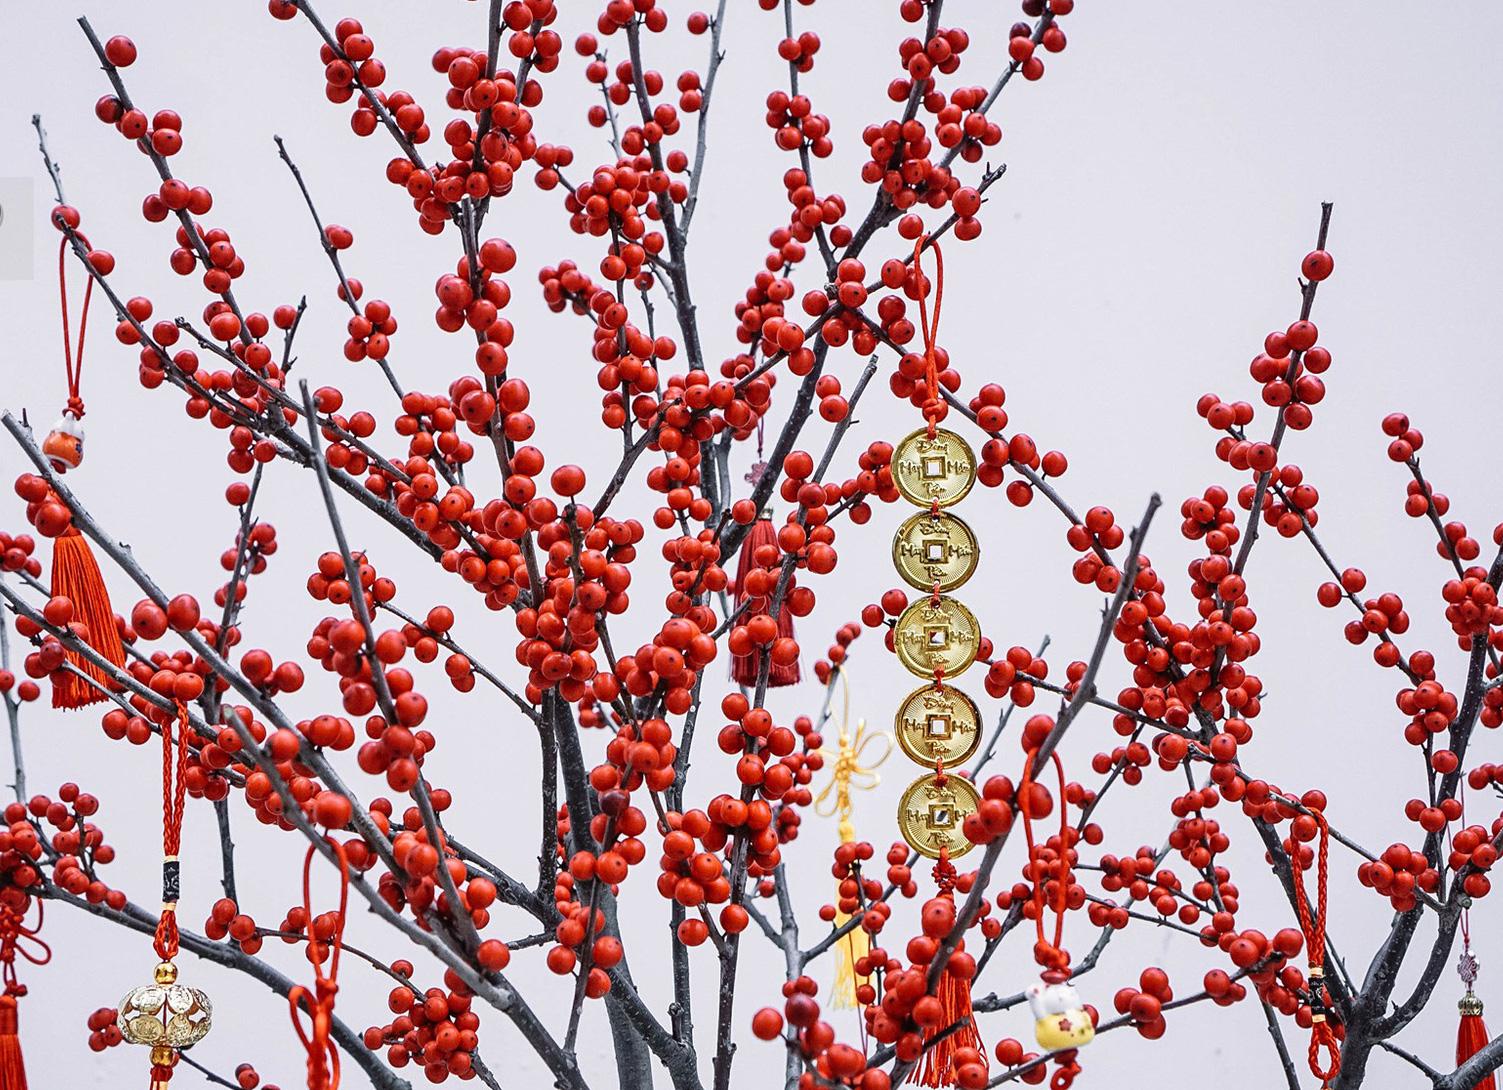 Cận cảnh đào đông nguyên chậu về Việt Nam chơi Tết, nhìn như cây giả mà đắt không tưởng - Ảnh 7.